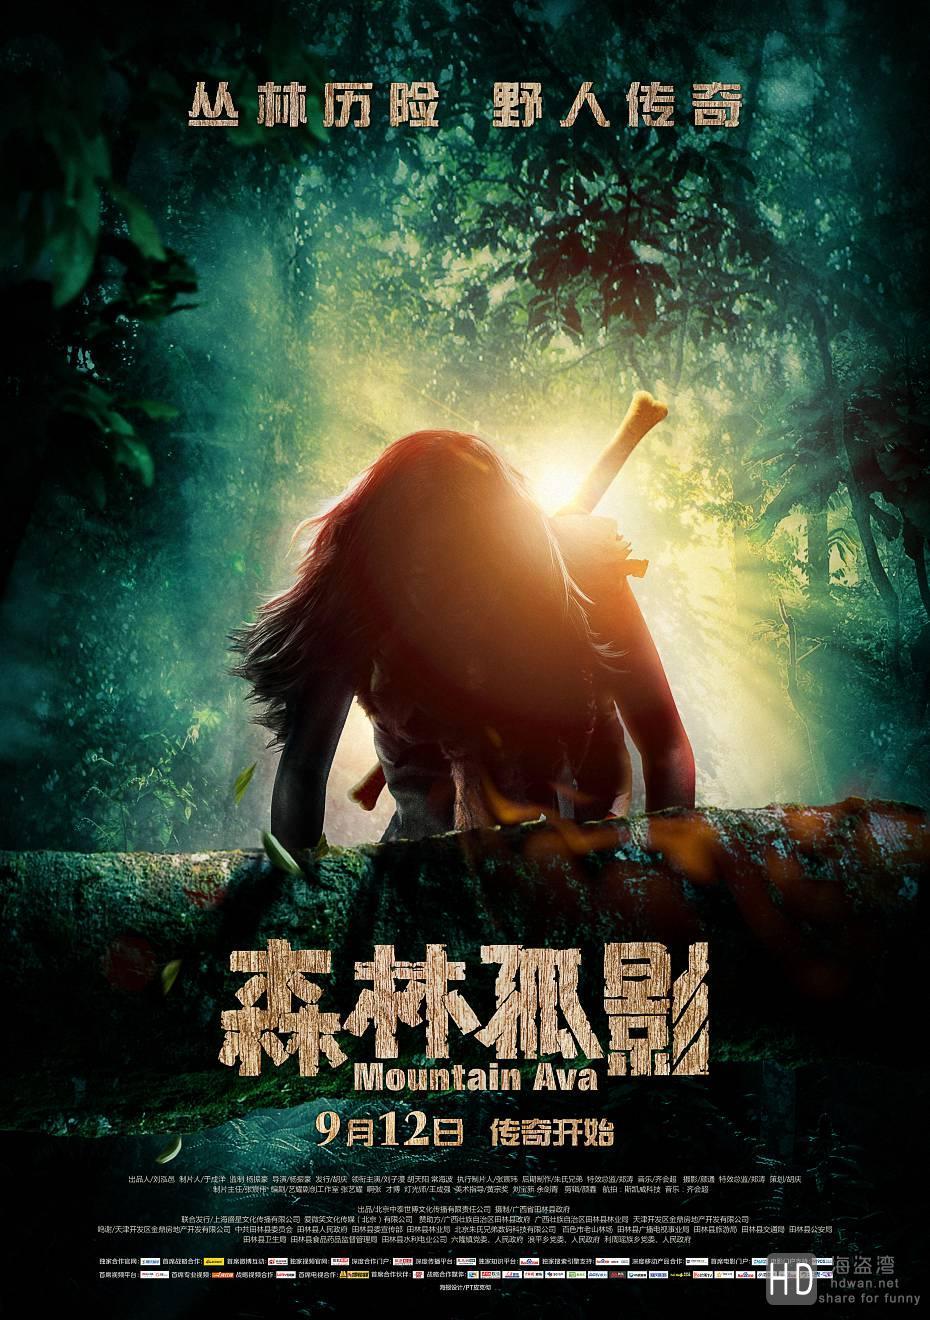 [2014][中国][森林孤影 Mountain Ava][DVD/MKV/迅雷电影下载]